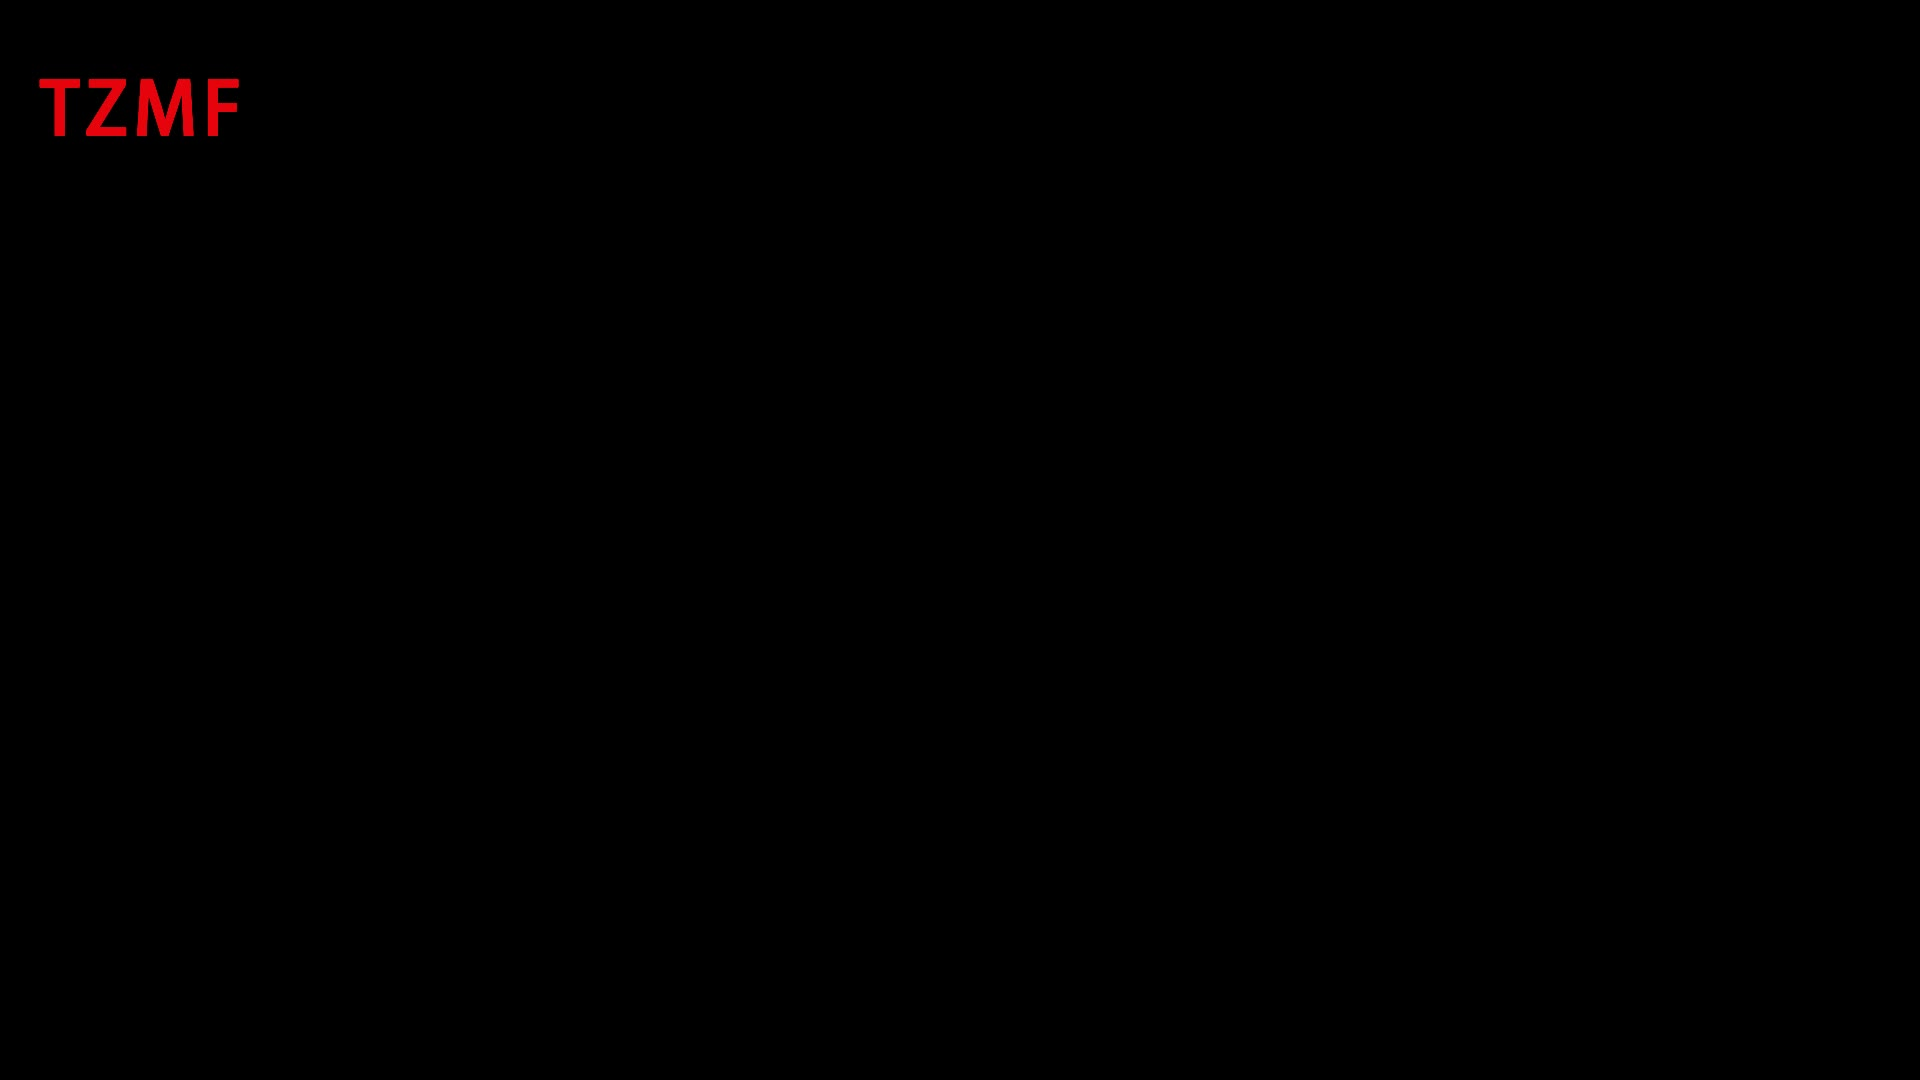 Ajustável Longo Esportes Profissional de Boa Qualidade Barato Comprar Ir Skipping Rope Mais Rápido Dos Homens Atléticos Duplas Sob Pro Pular Ro